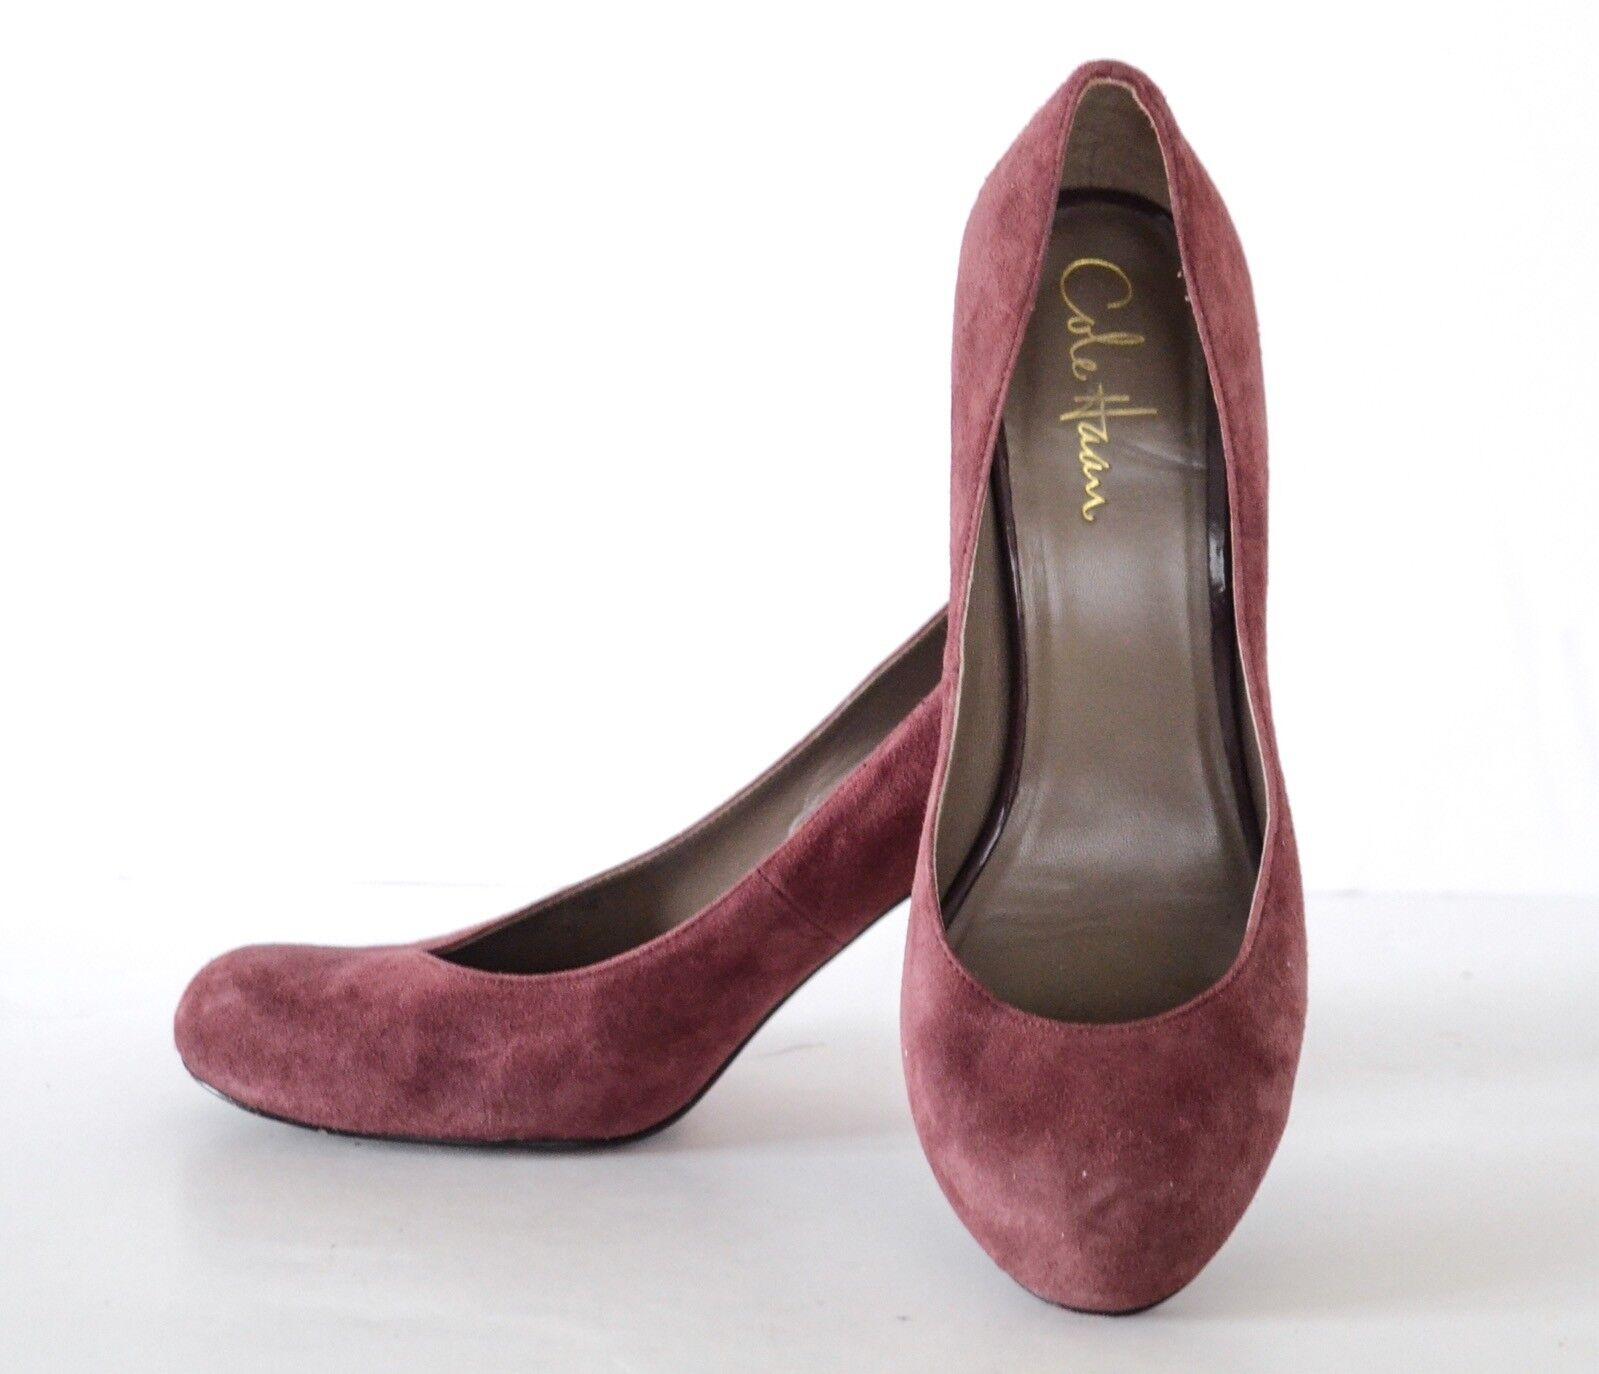 Cole Haan Haan Haan Plum Suede High Heels Pumps Schuhes 7.5B a75619